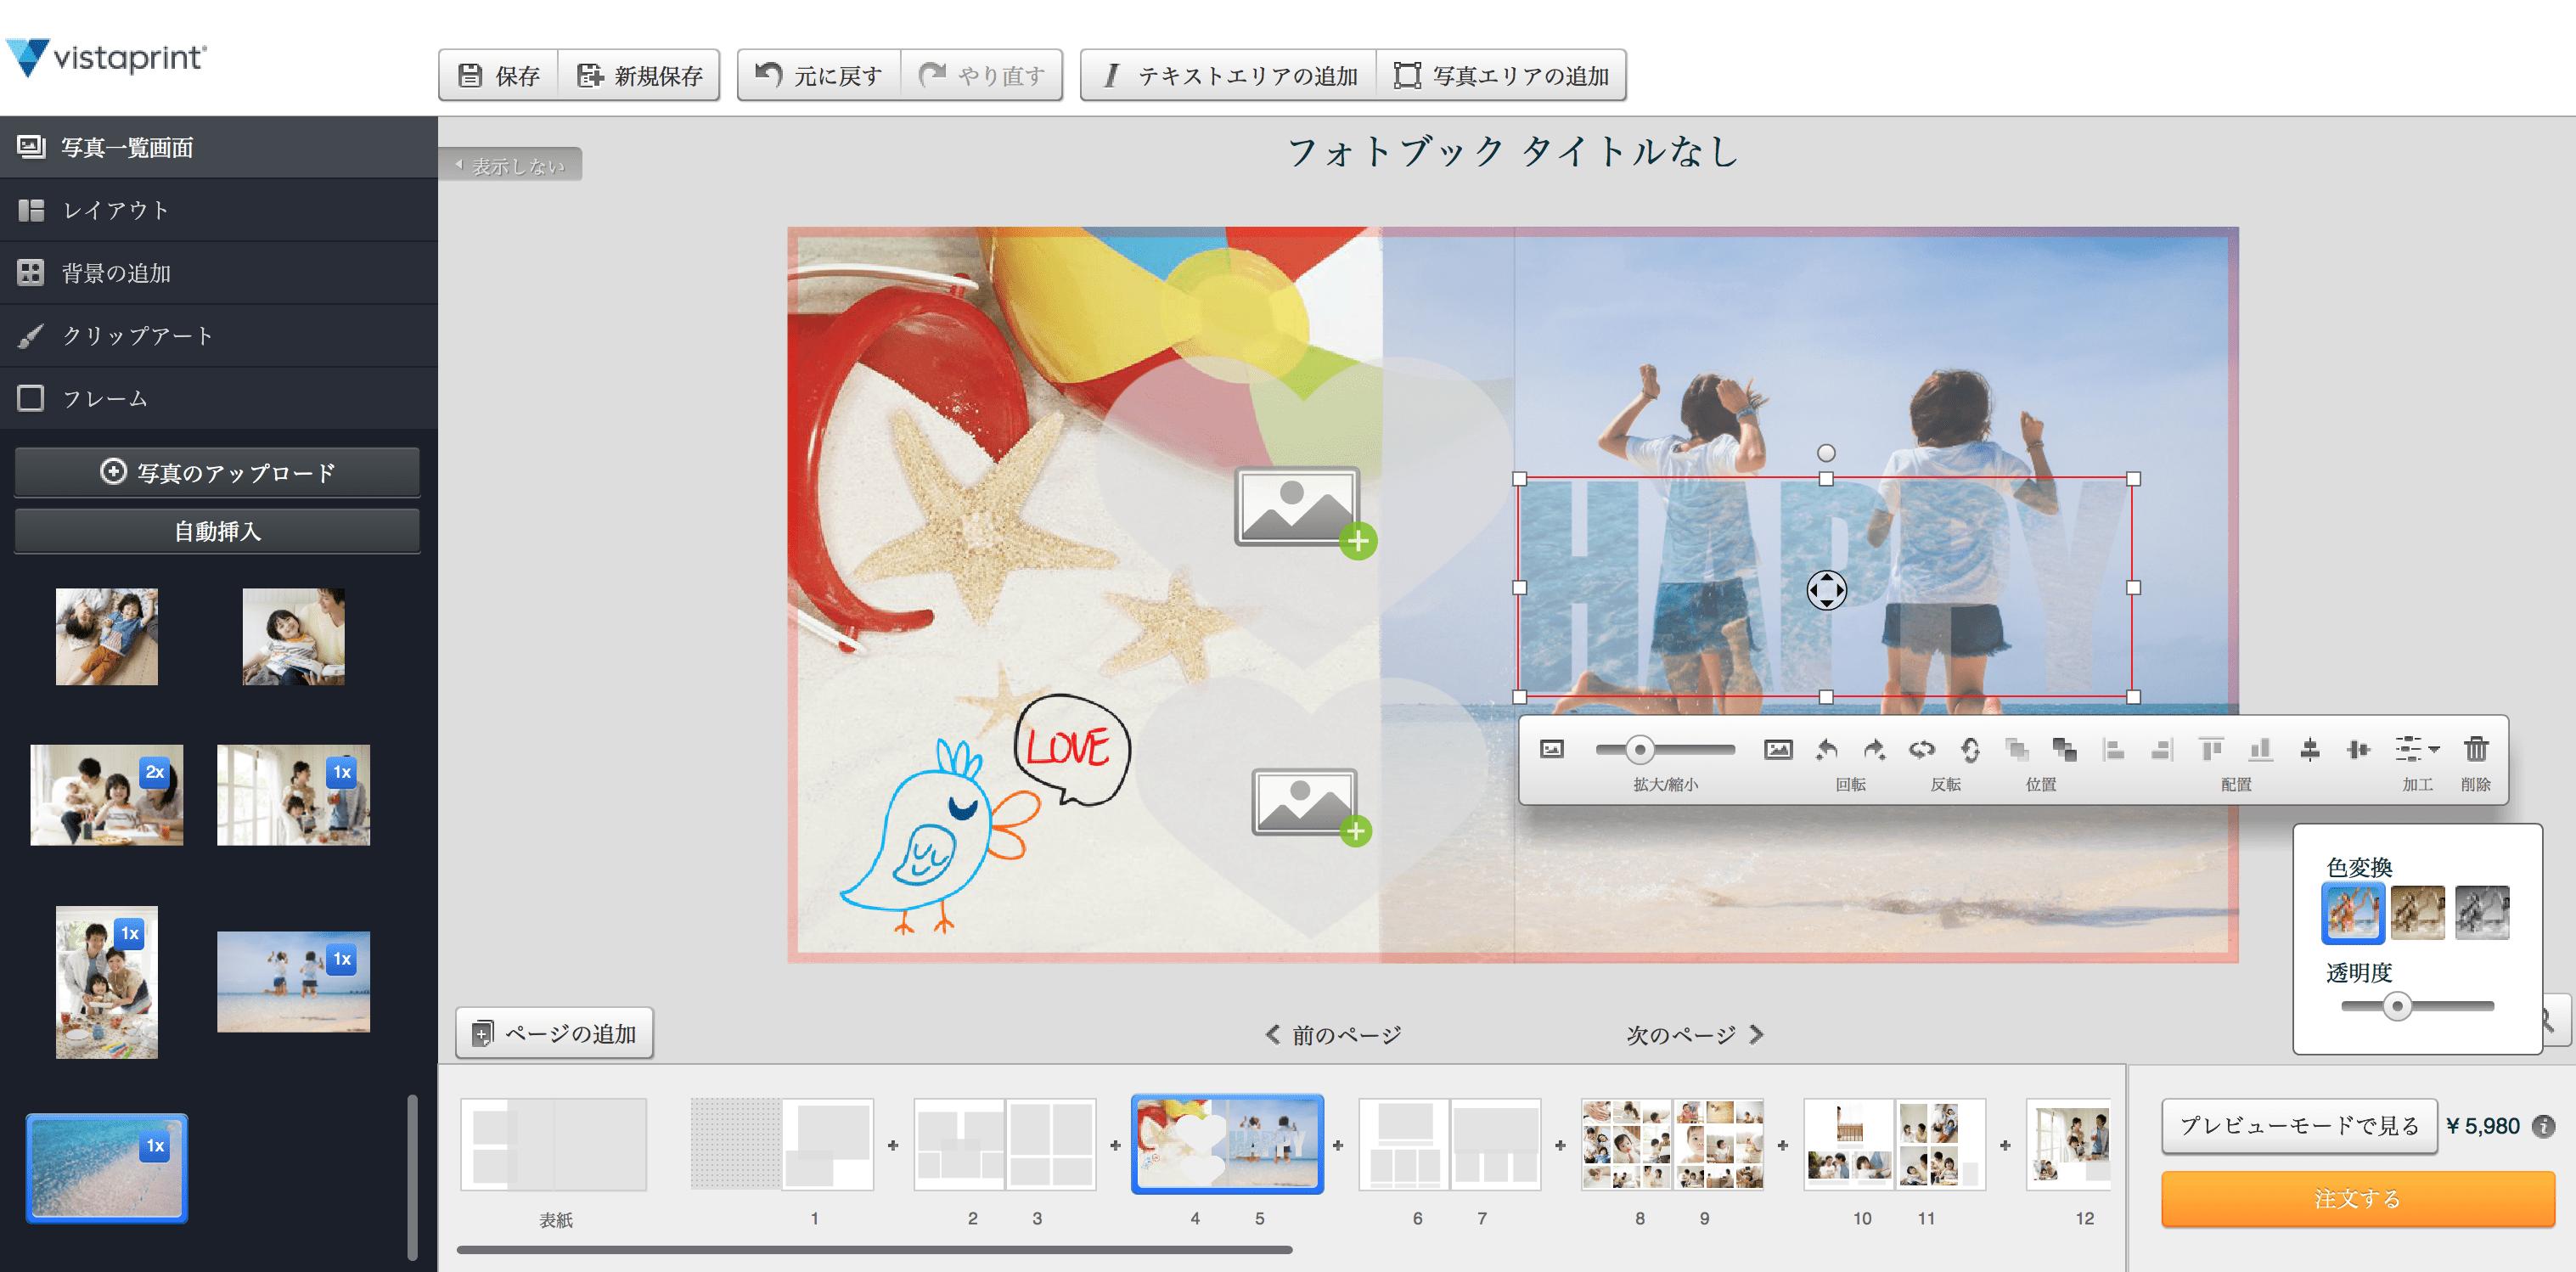 ビスタプリントオンライン編集ソフト(透明度変更)